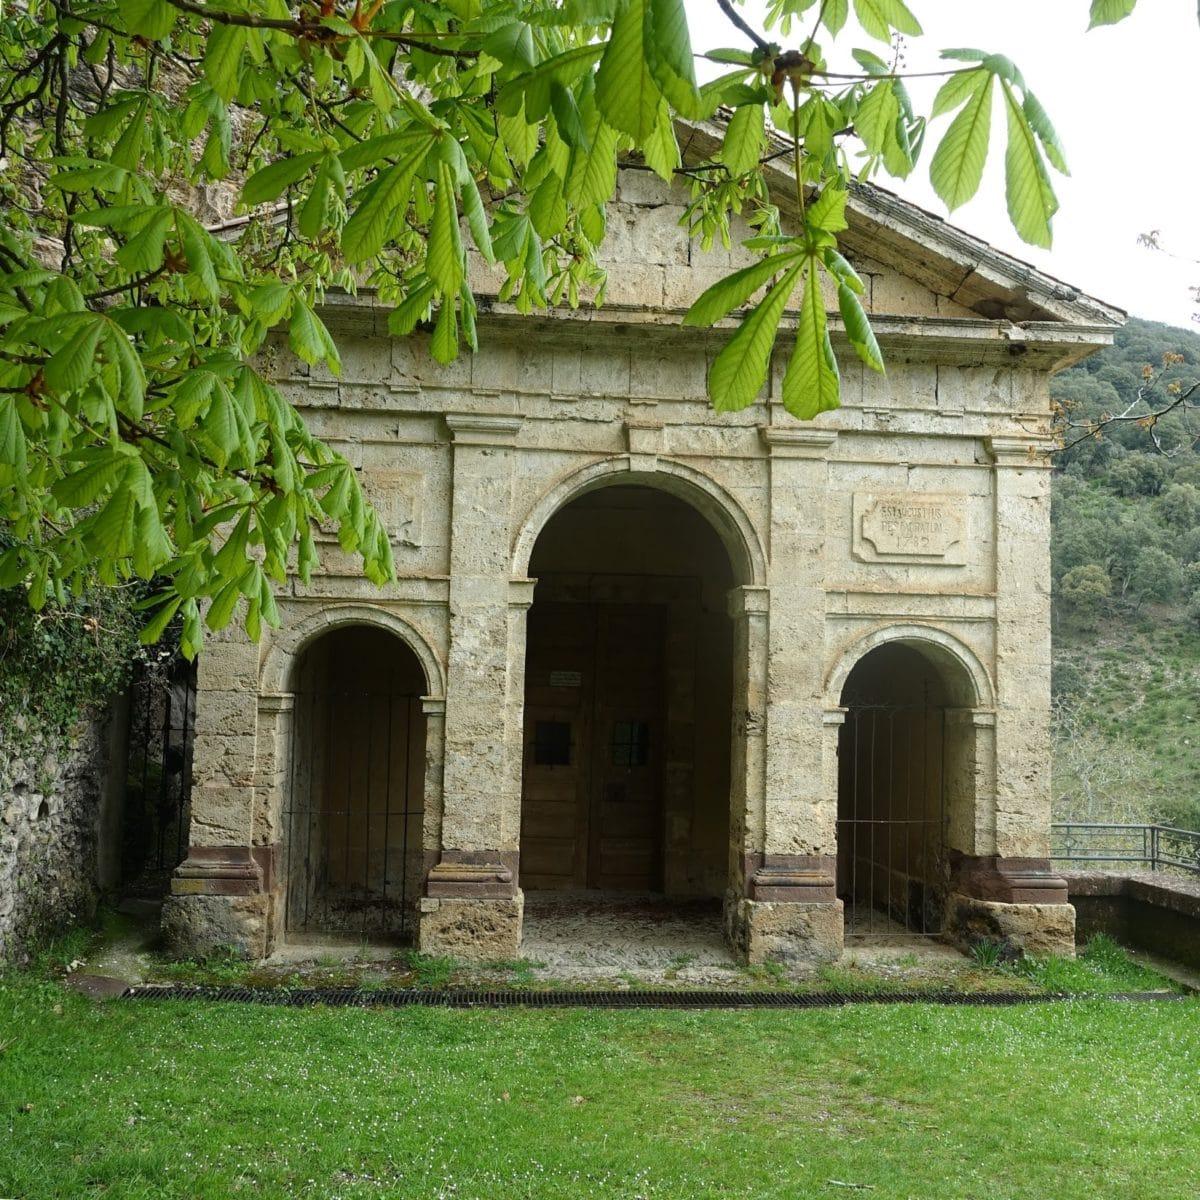 Un recorrido por el Monasterio de Valvanera, sus orígenes y su entorno 6